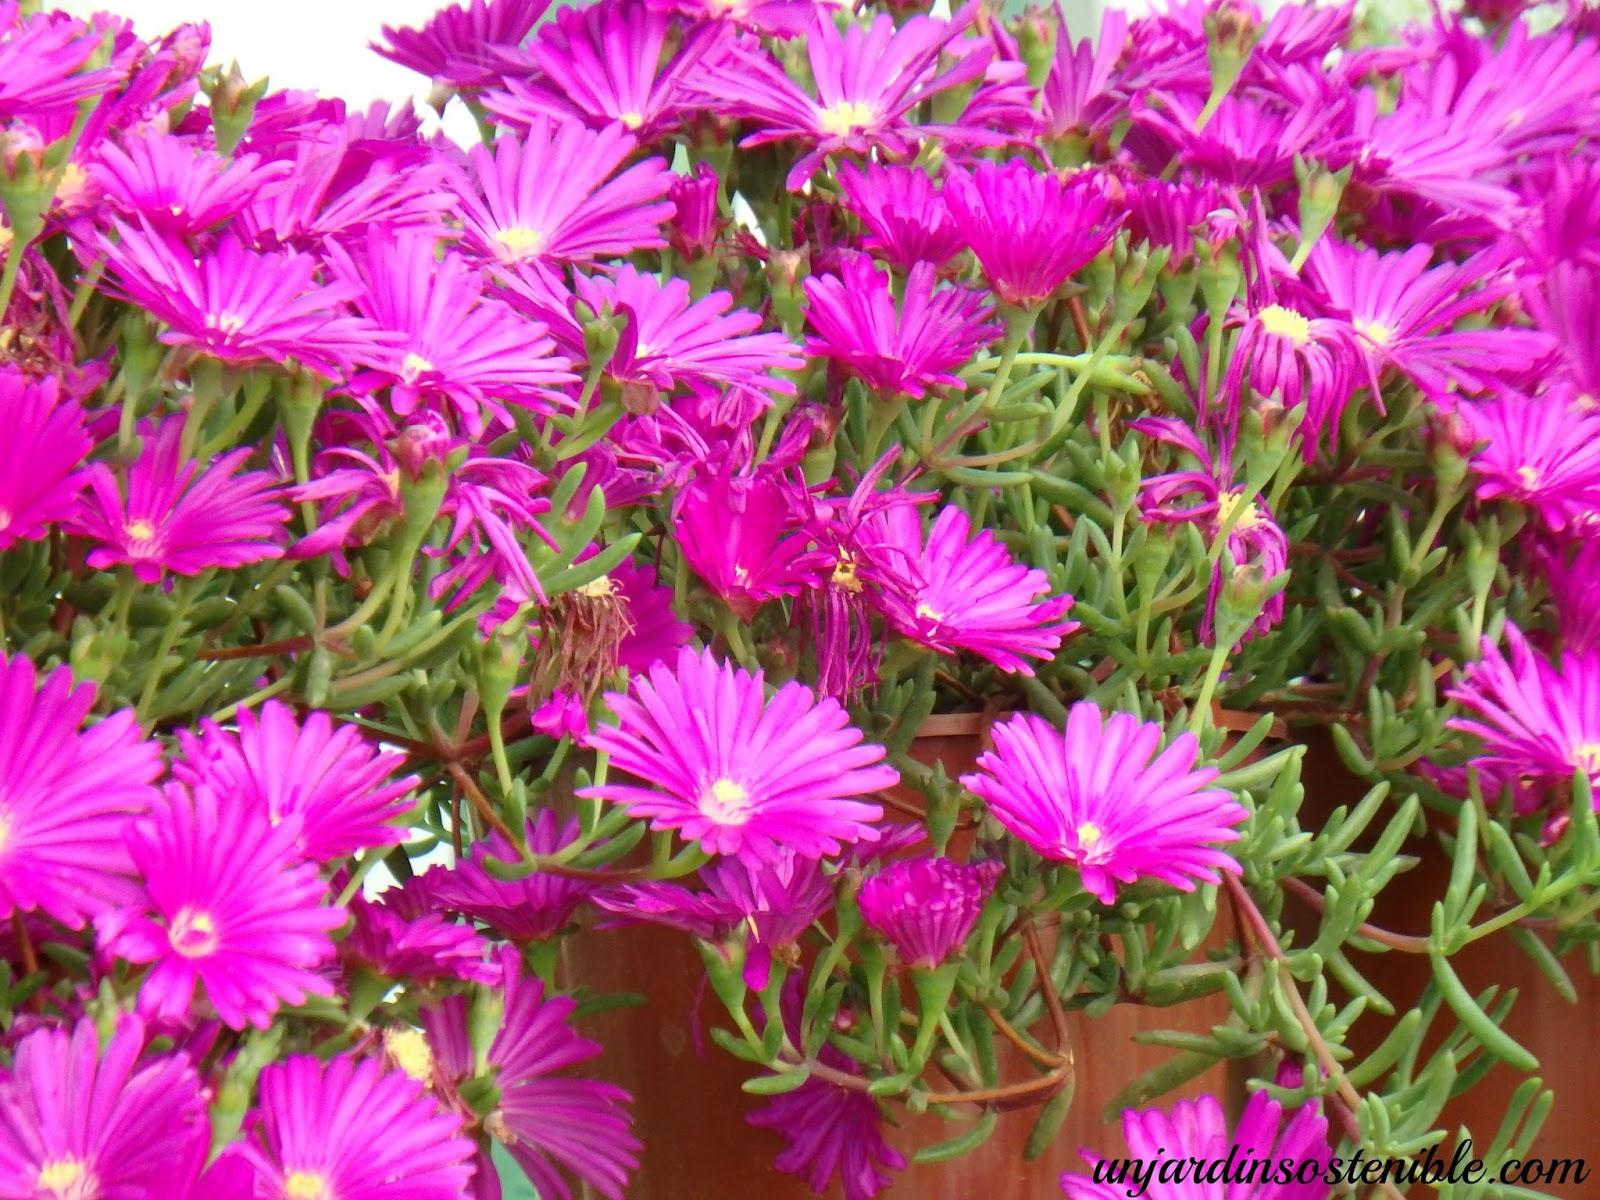 Plantas rastreras de sol imagen plantas rastreras de for Plantas exterior mucho sol